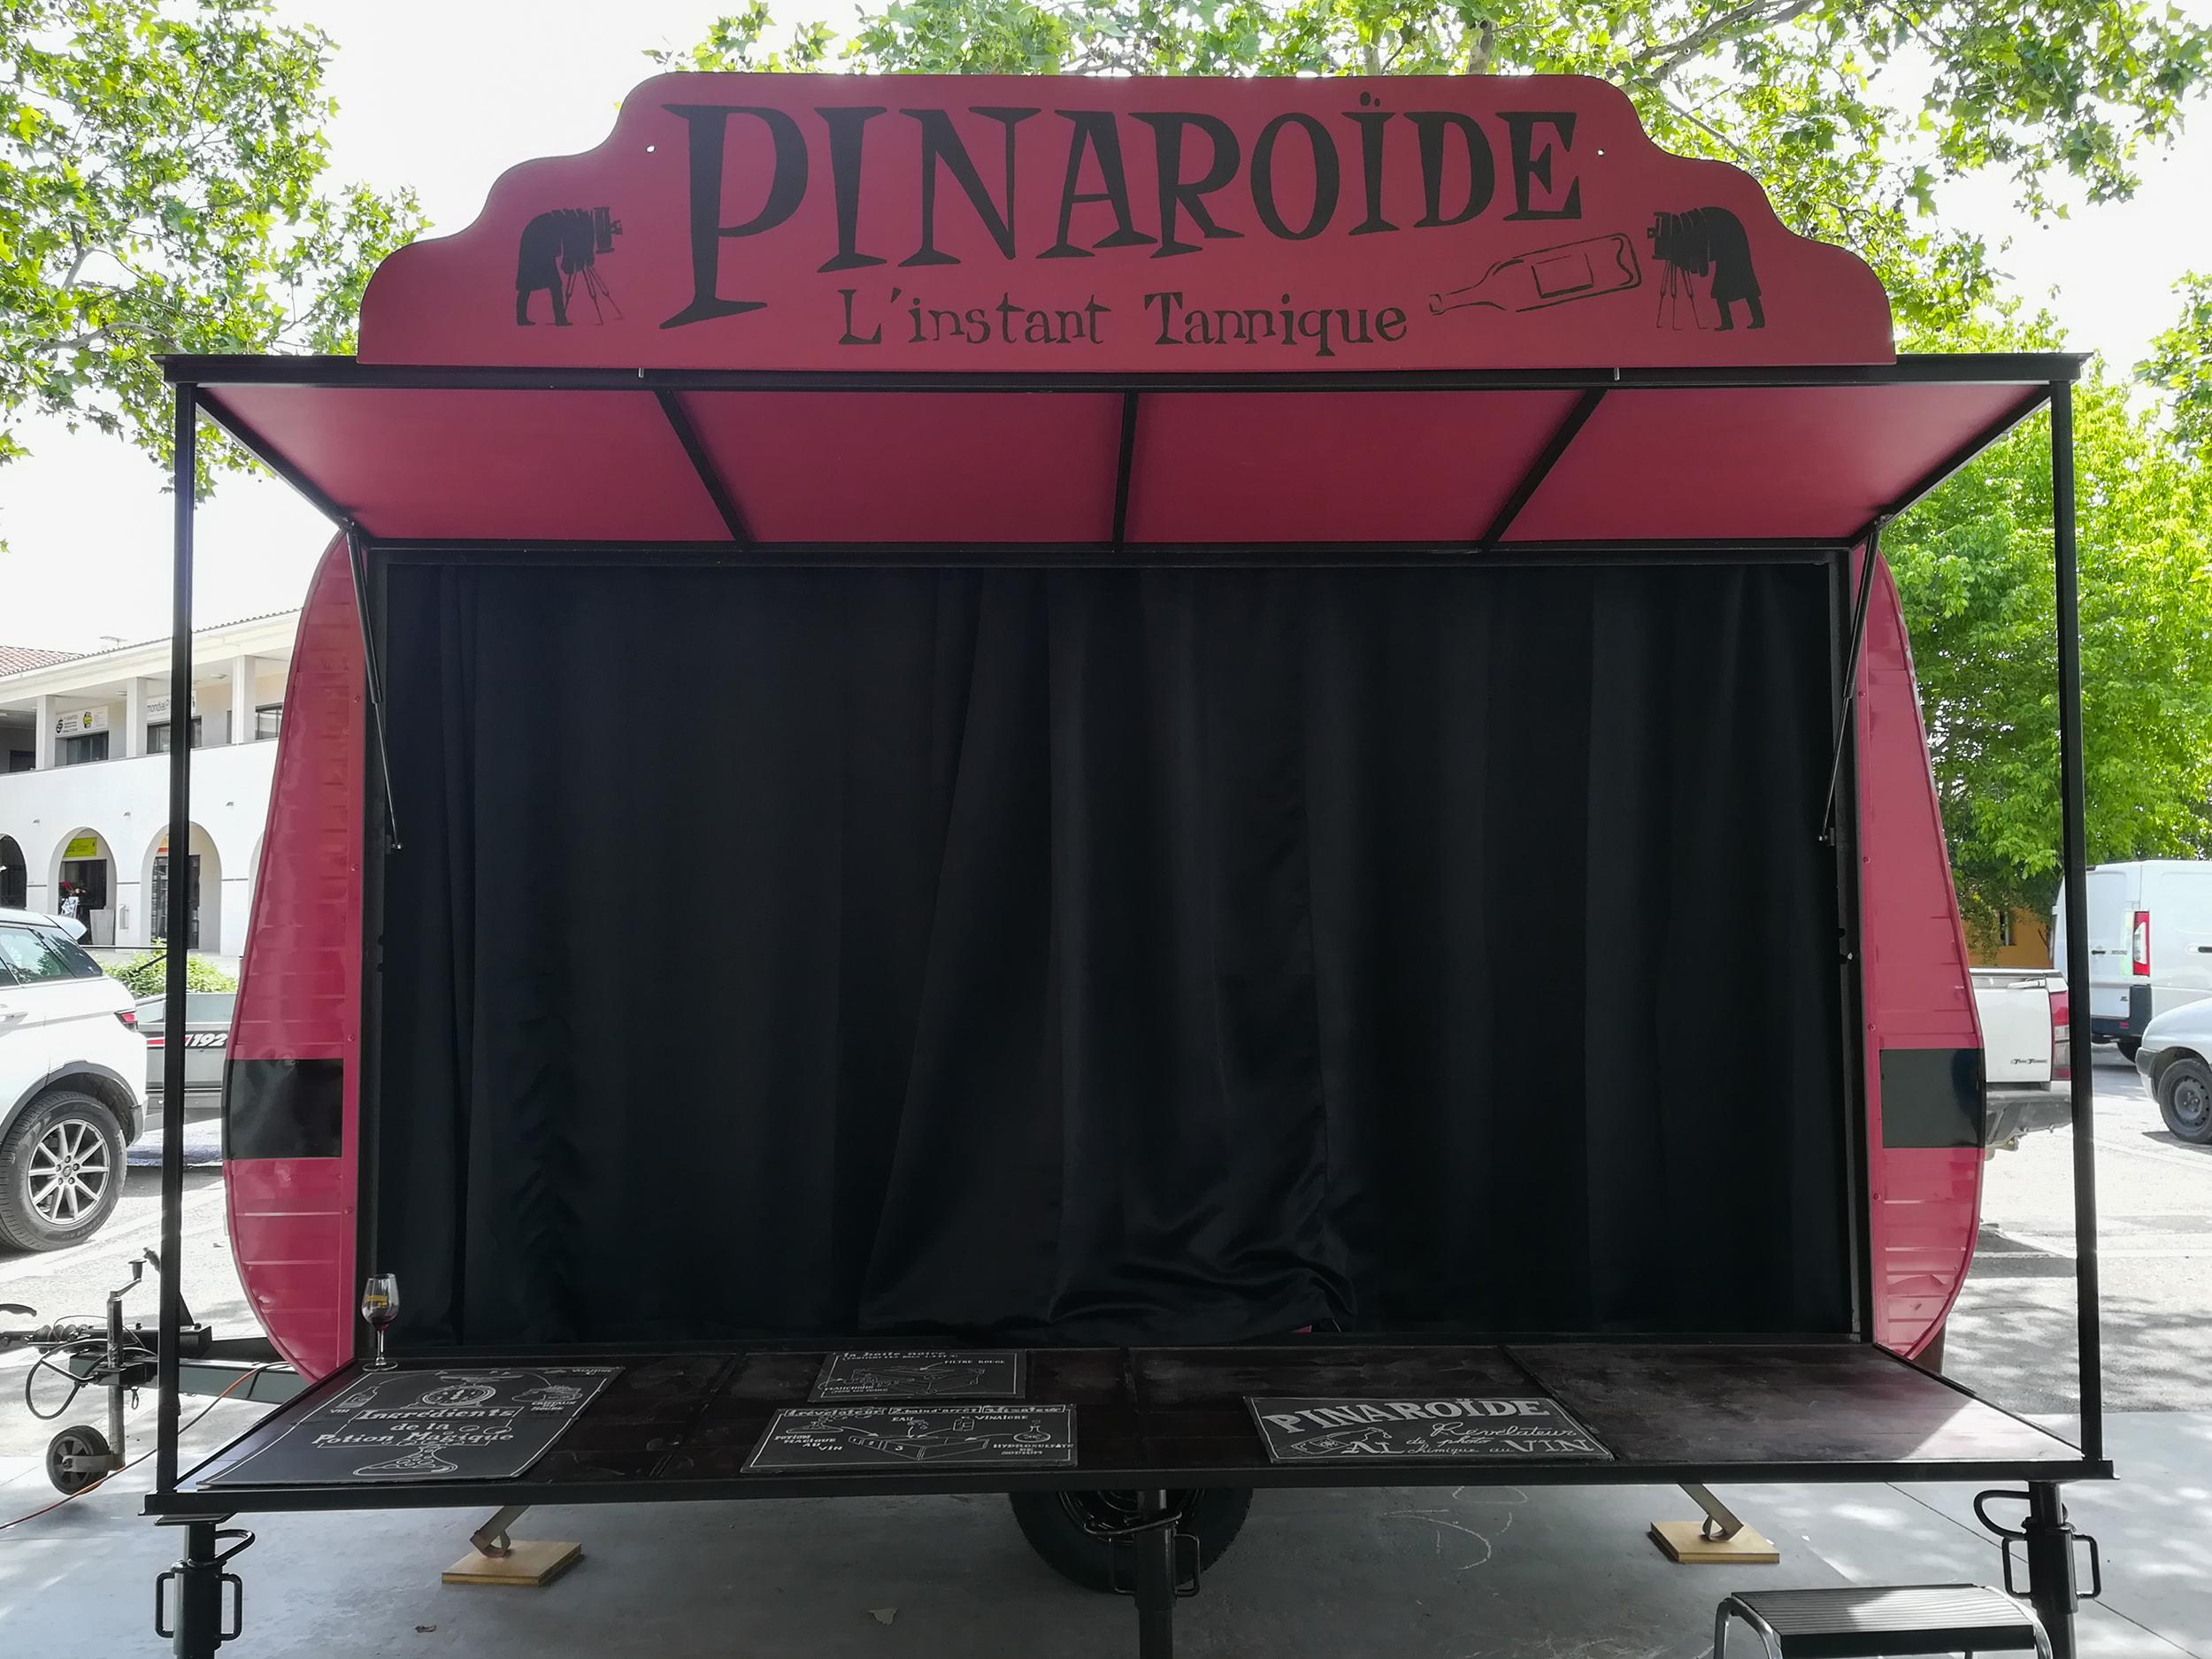 Pinaroide L' Instant- Tannique- le studi